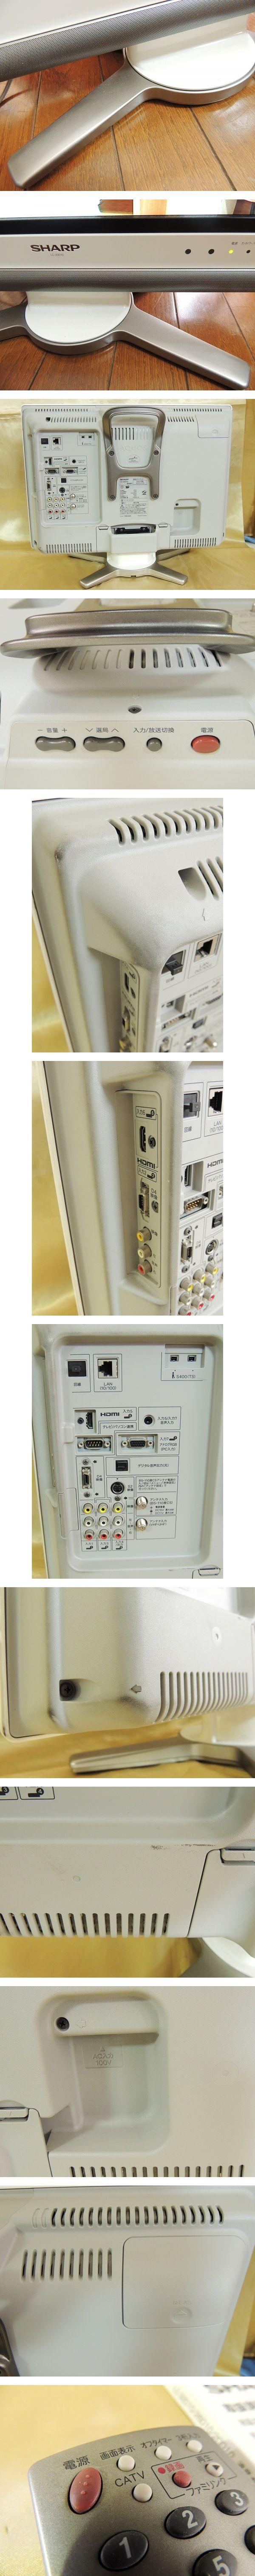 20型液晶TV SHARP AQUOS シャープ アクオス LC-20D10 2007年